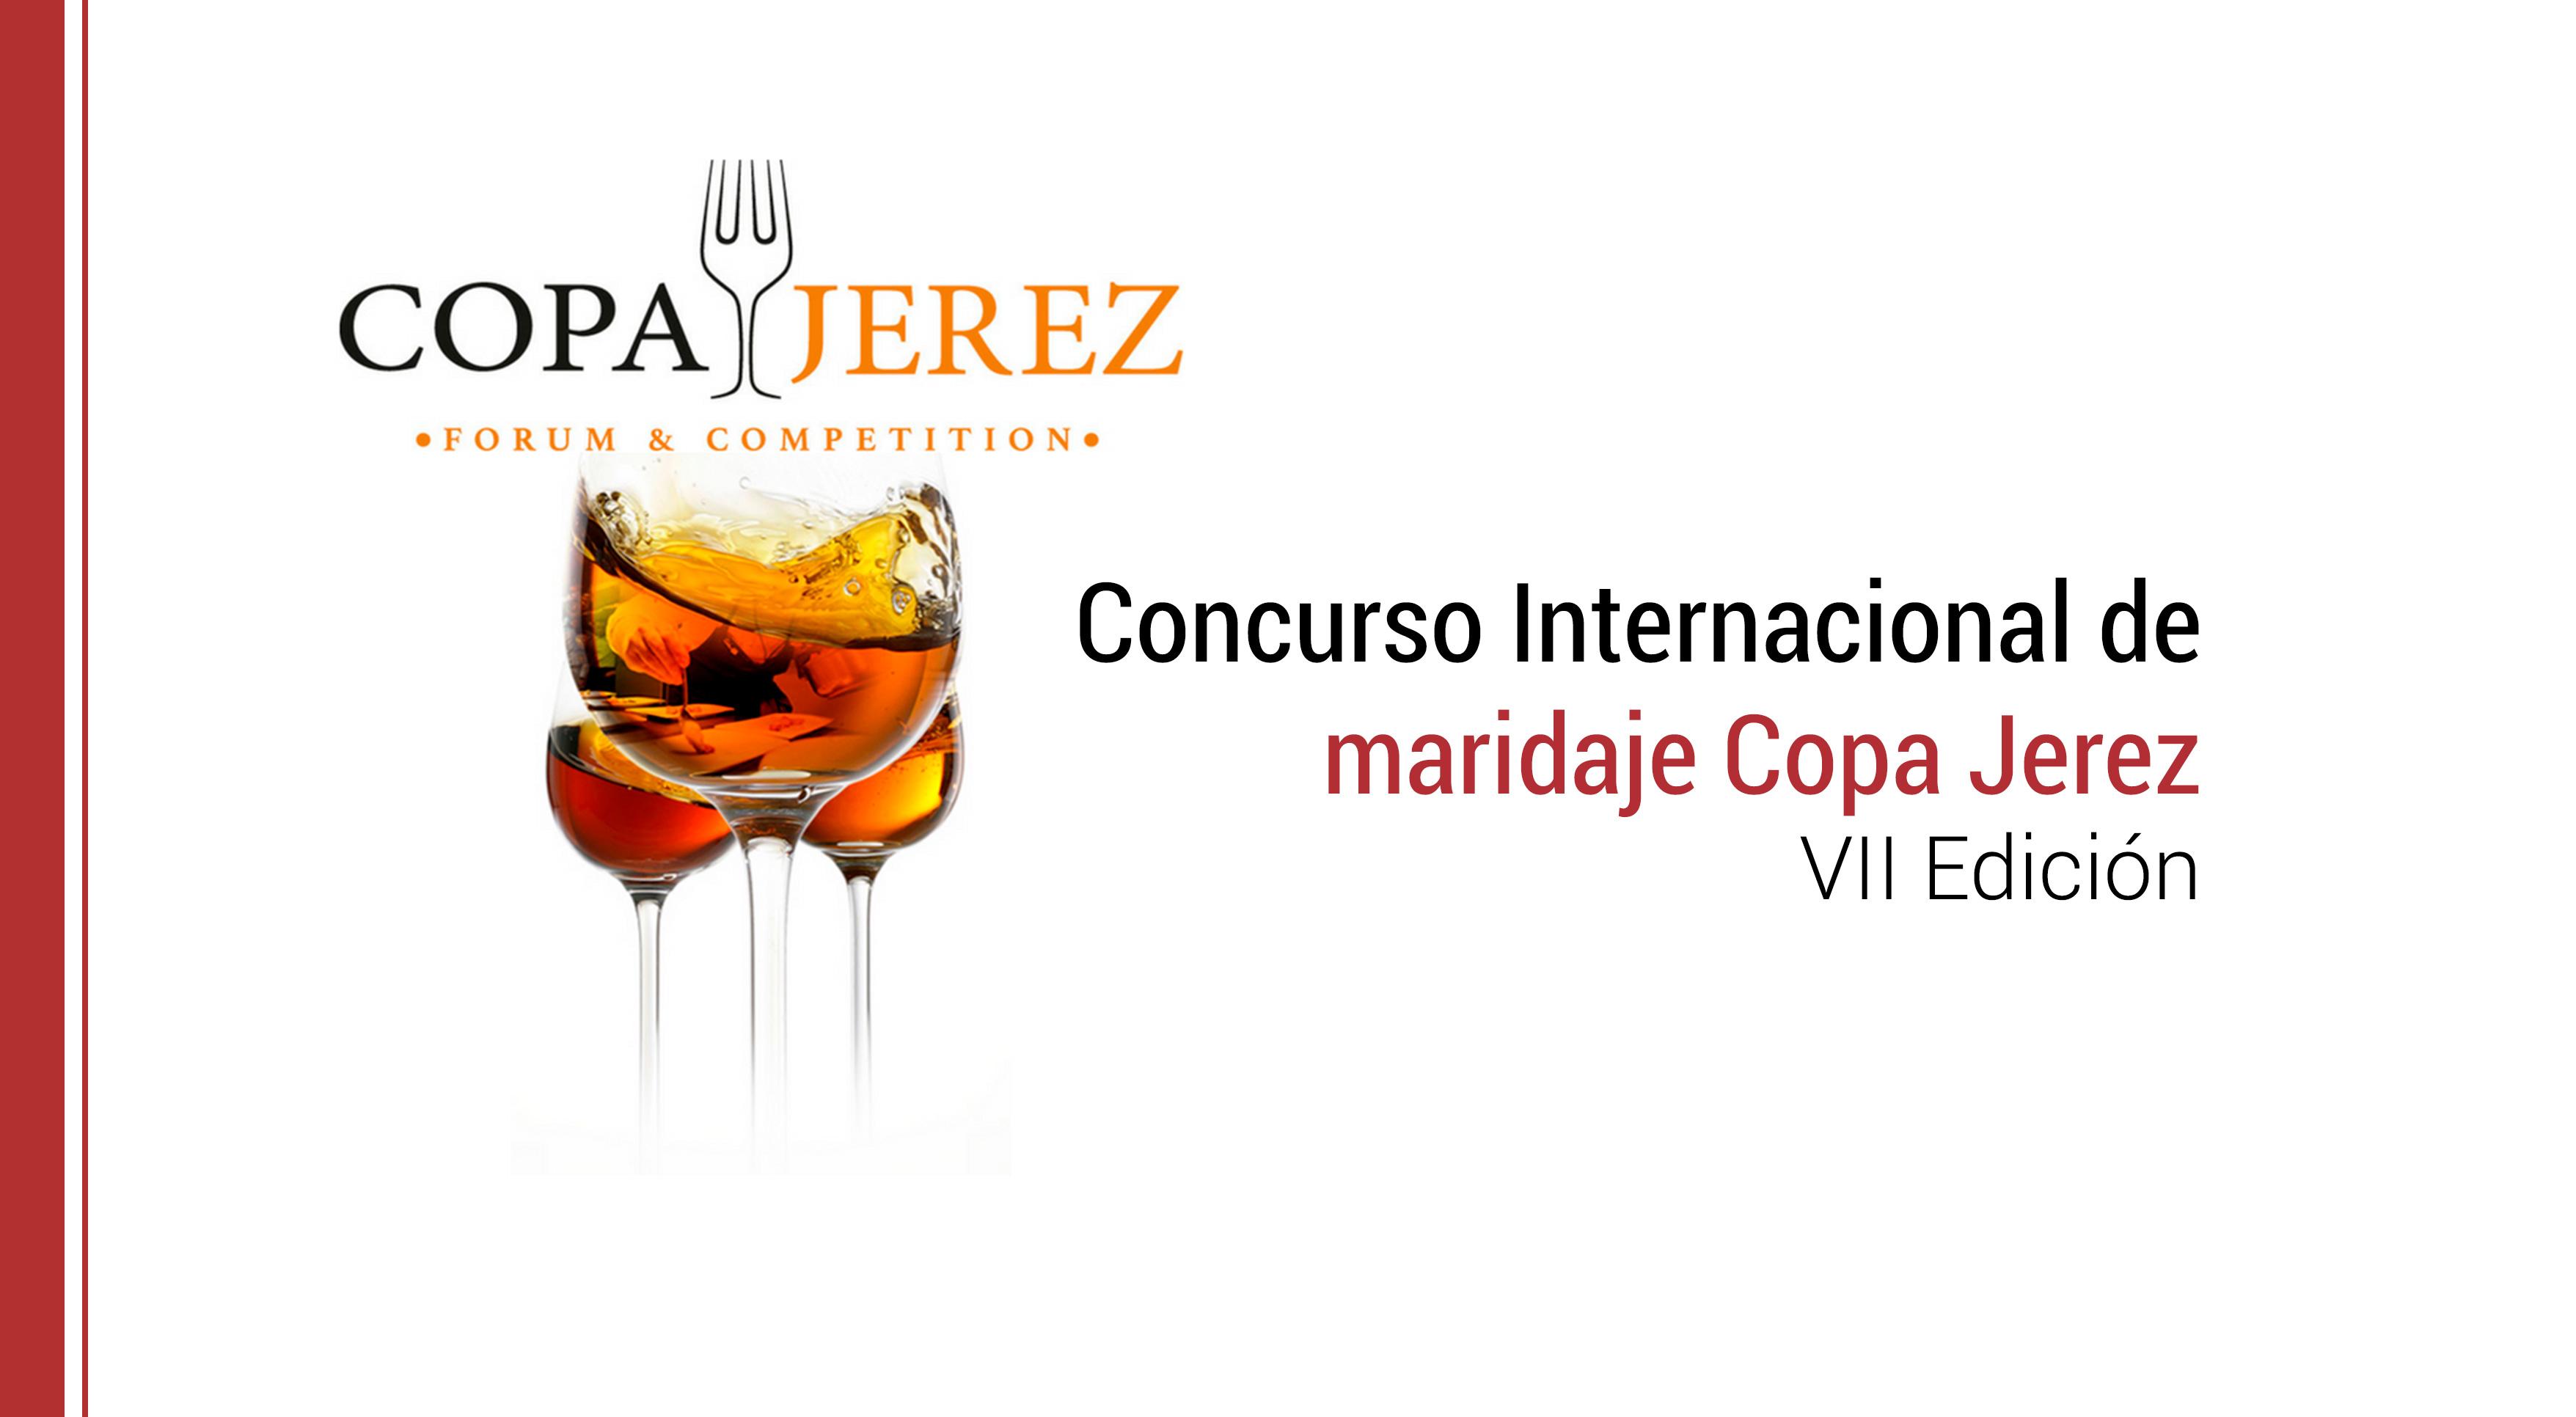 concurso-internacional-maridaje-copa-jerez El concurso al maridaje perfecto con los vinos de Jerez